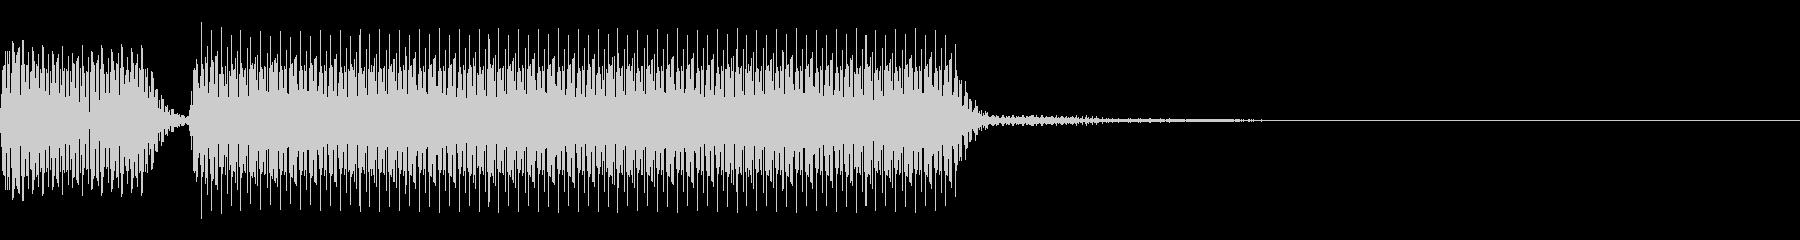 【クイズ】不正解の音,はずれ,ブッブー②の未再生の波形